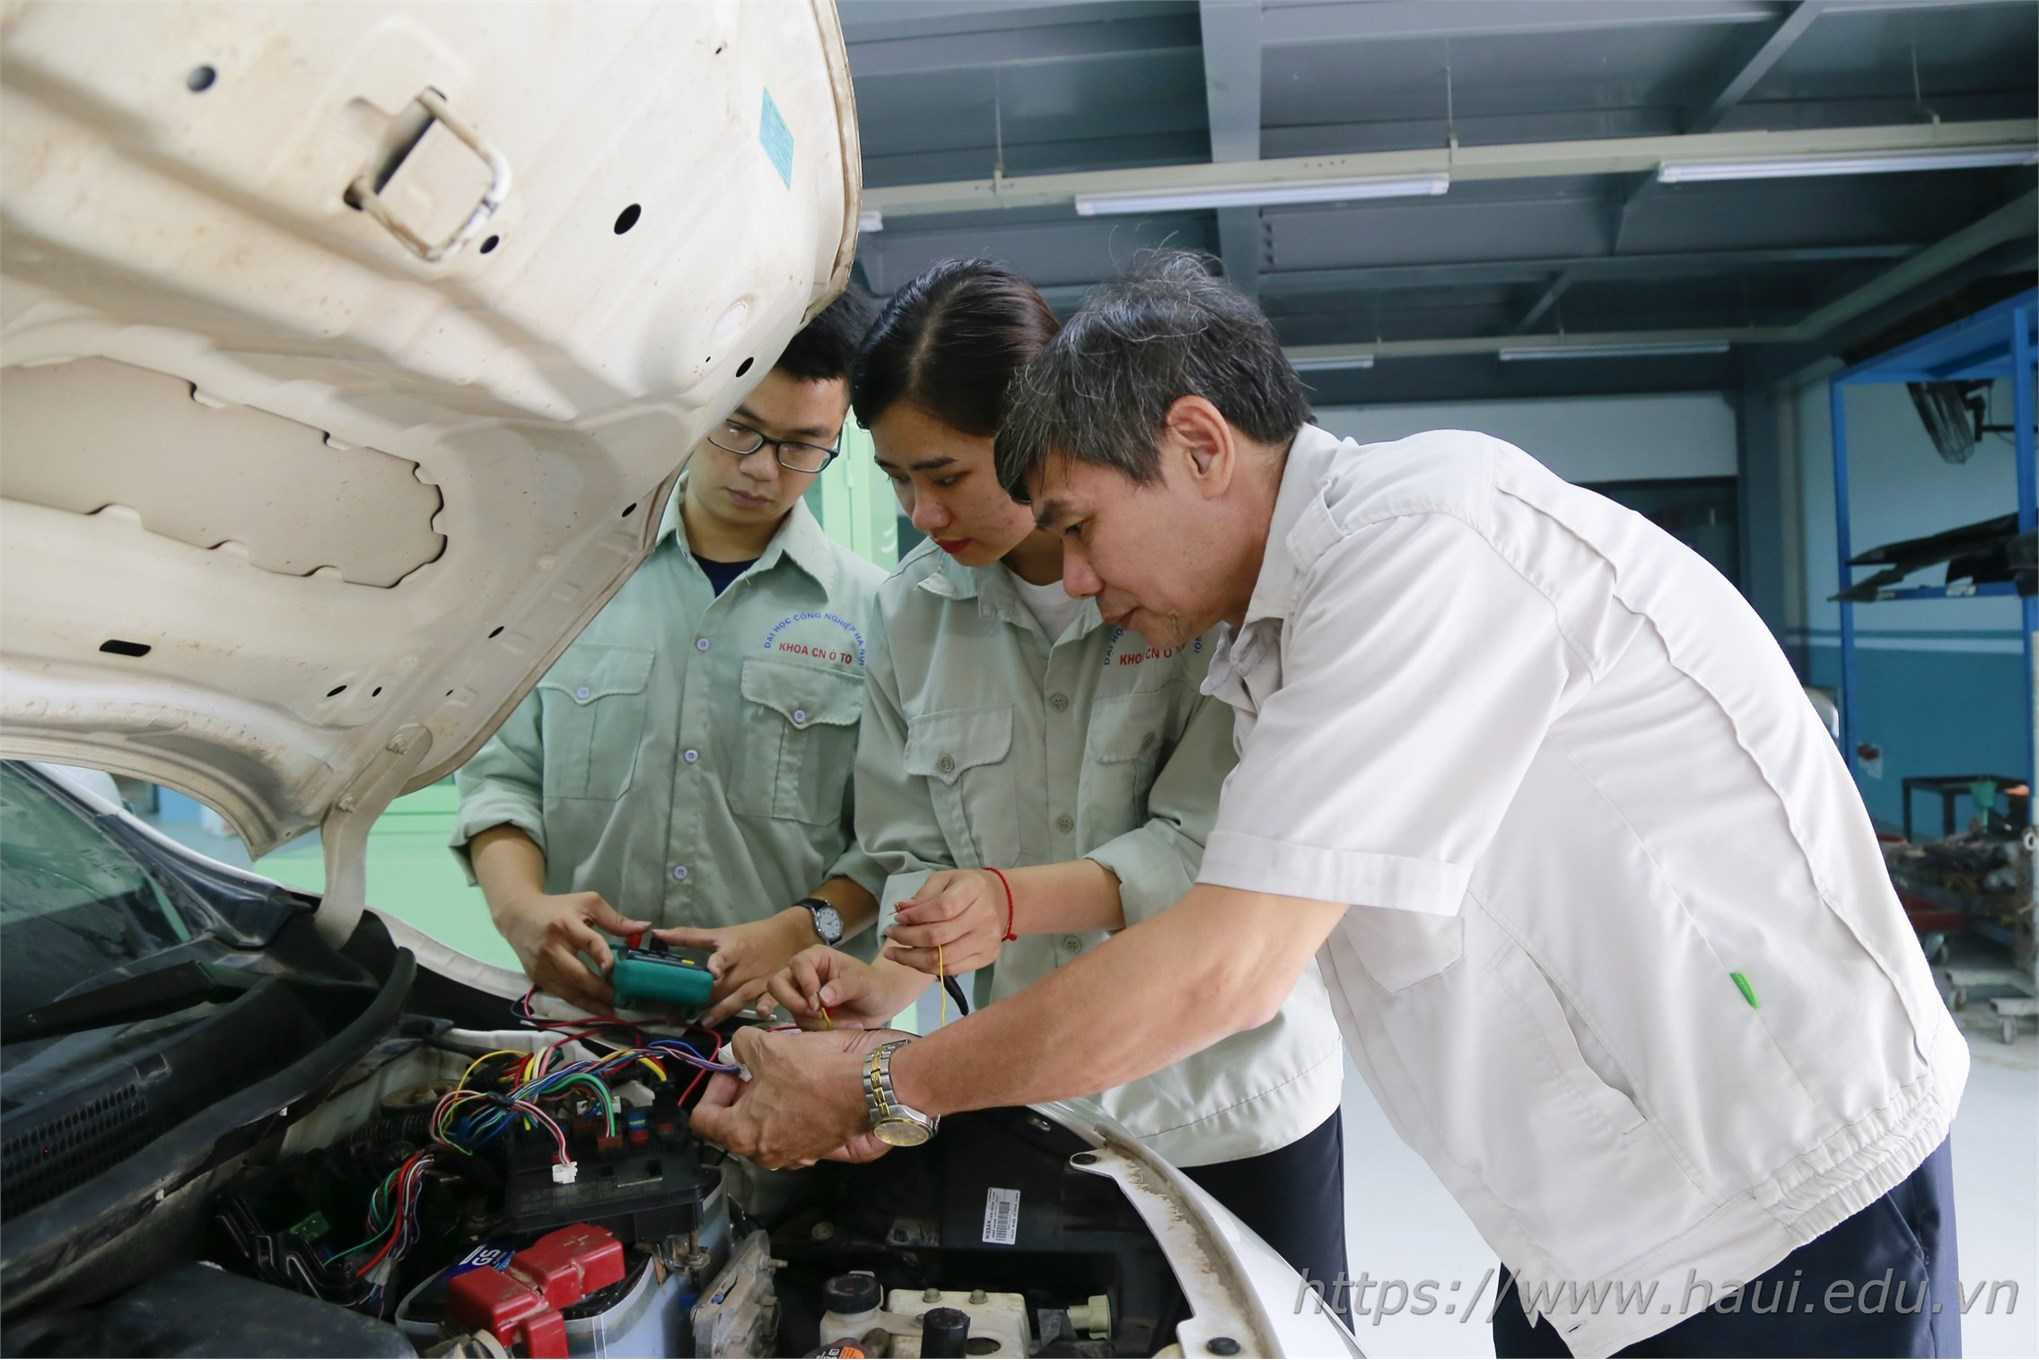 Nữ sinh Đại học Công nghiệp Hà Nội đam mê ngành Công nghệ kỹ thuật ô tô